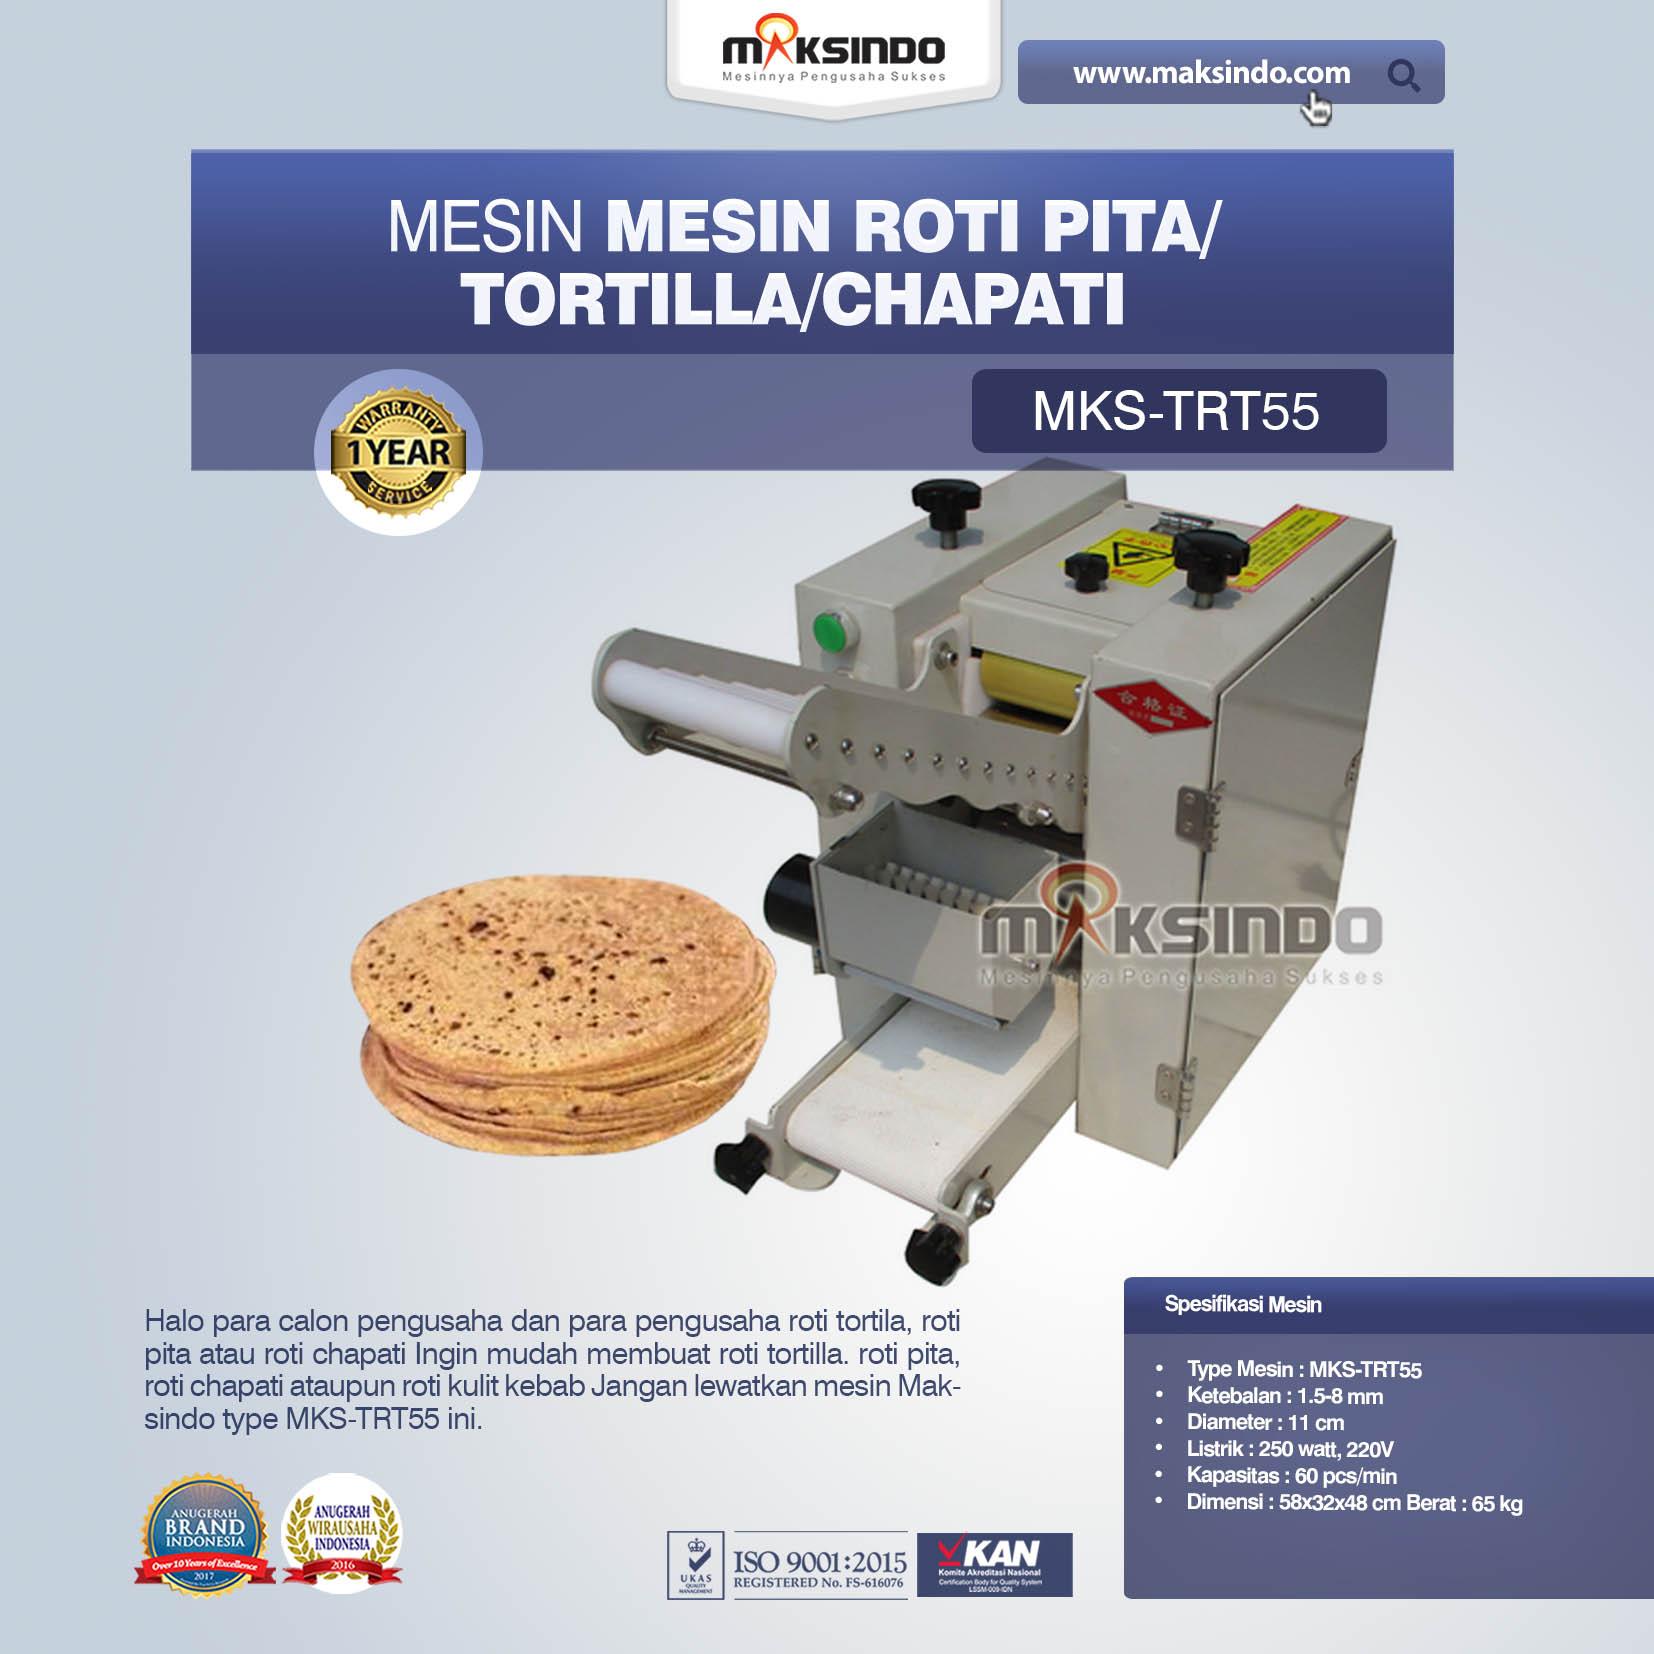 Jual Mesin Roti Pita/Tortilla/Chapati MKS-TRT55 di Tangerang